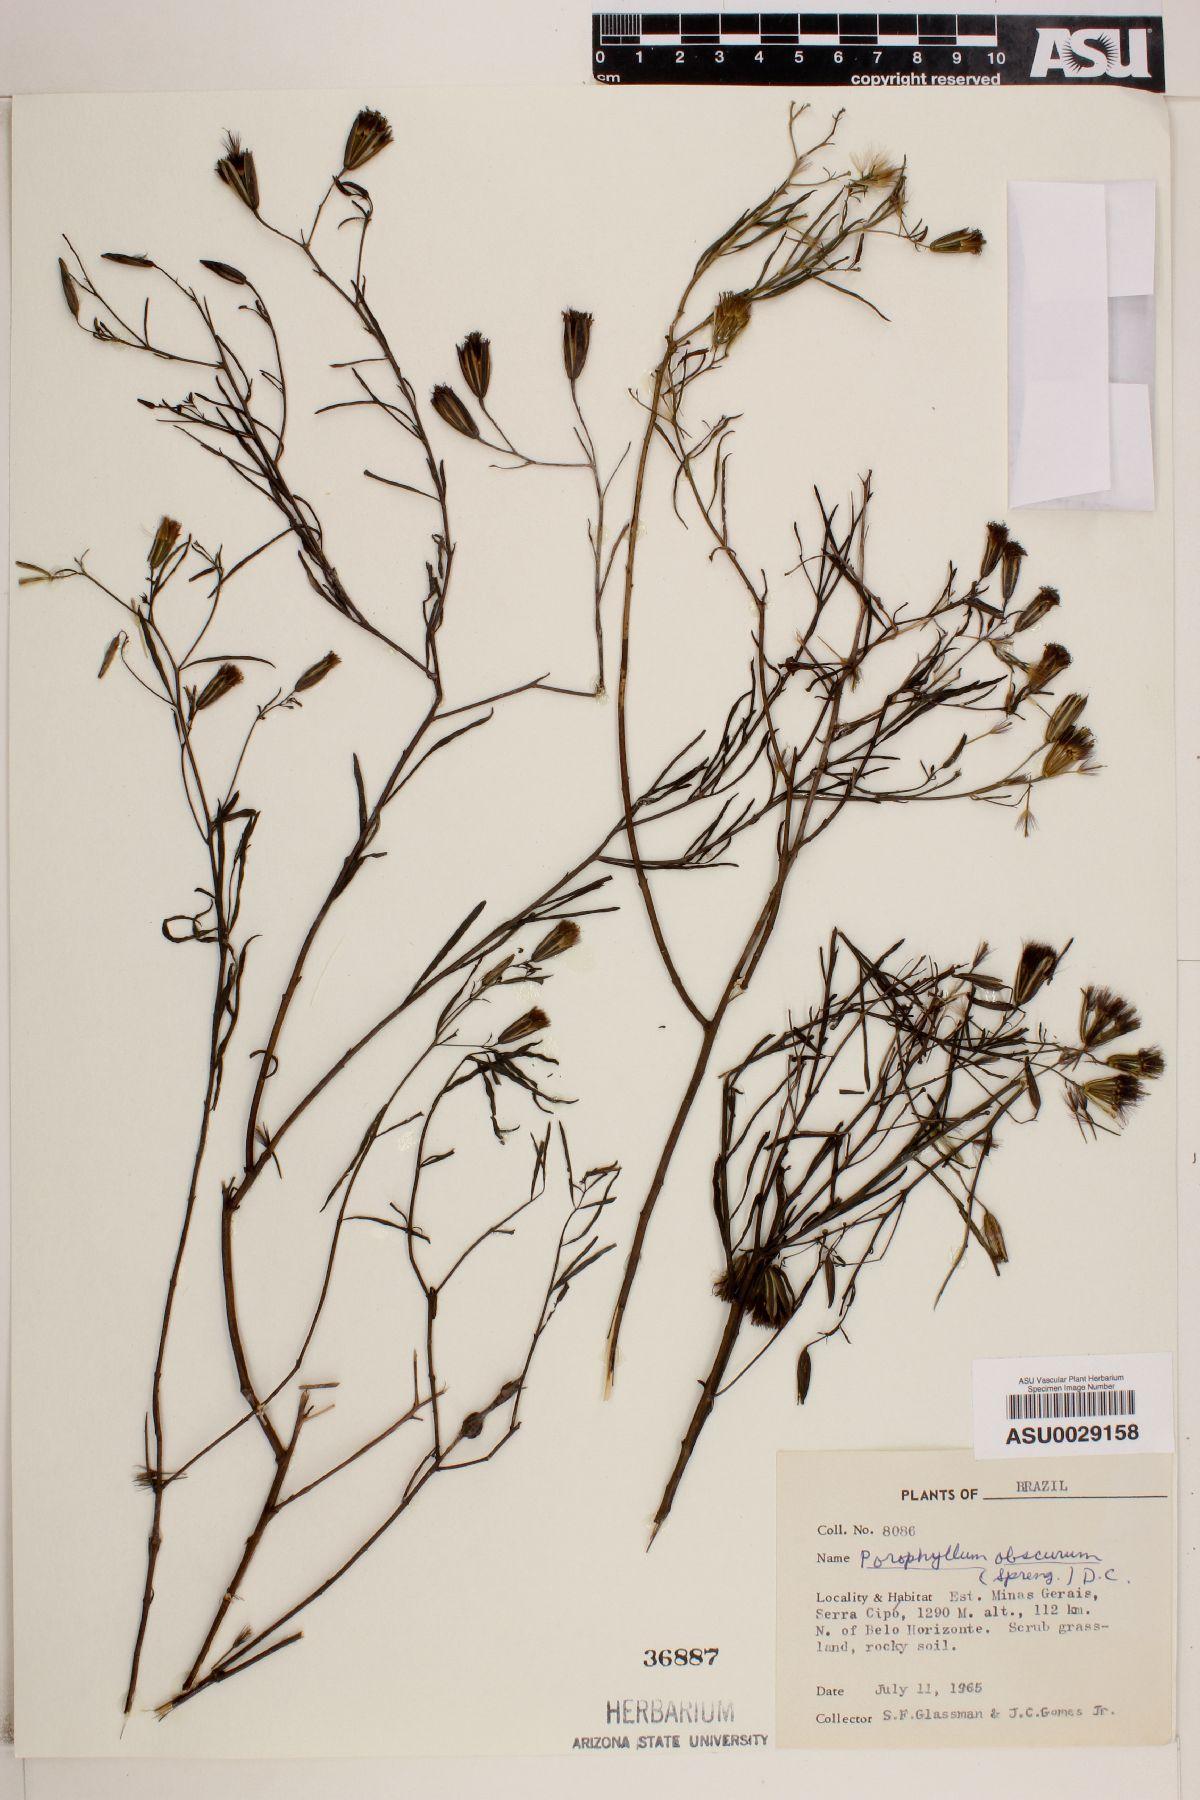 Porophyllum porophyllum image